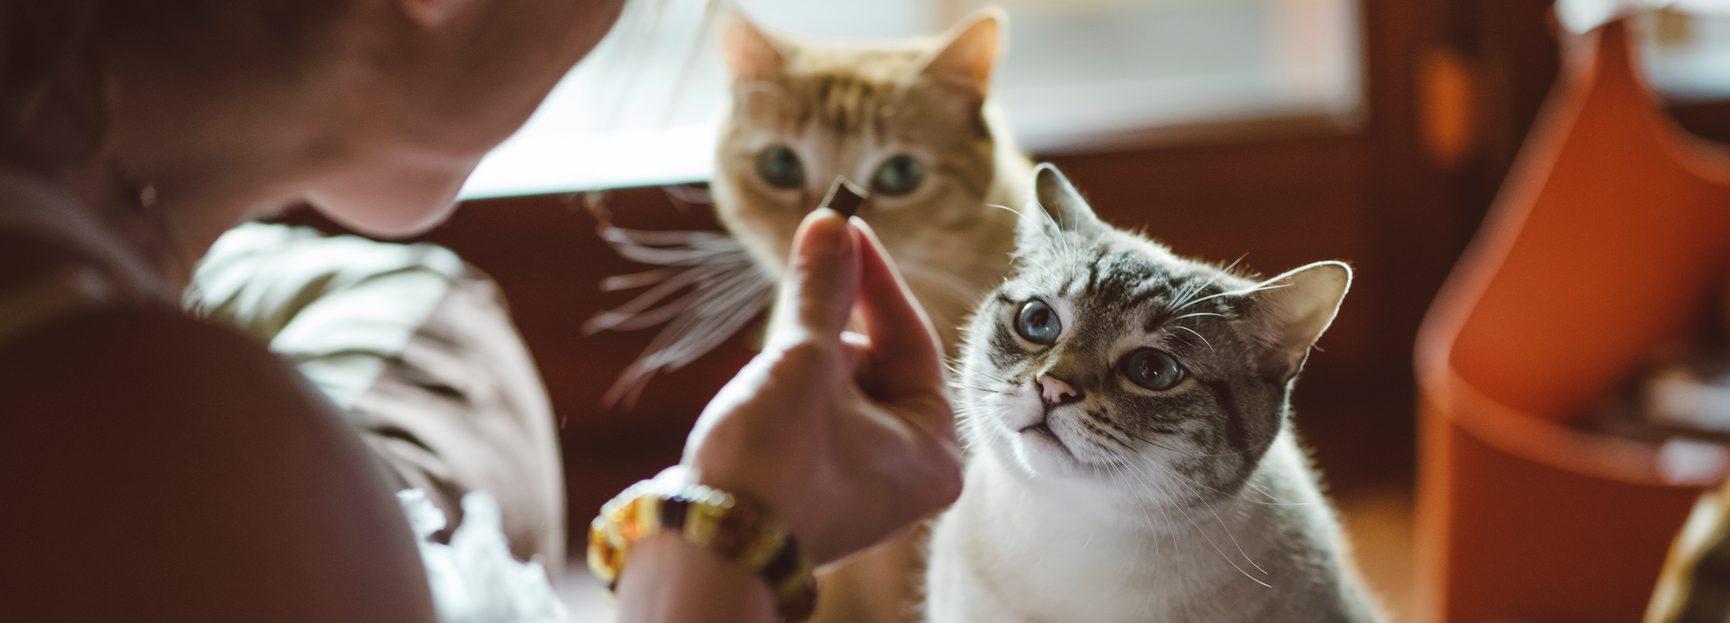 Nutrience SubZero freeze dried treats topper cats